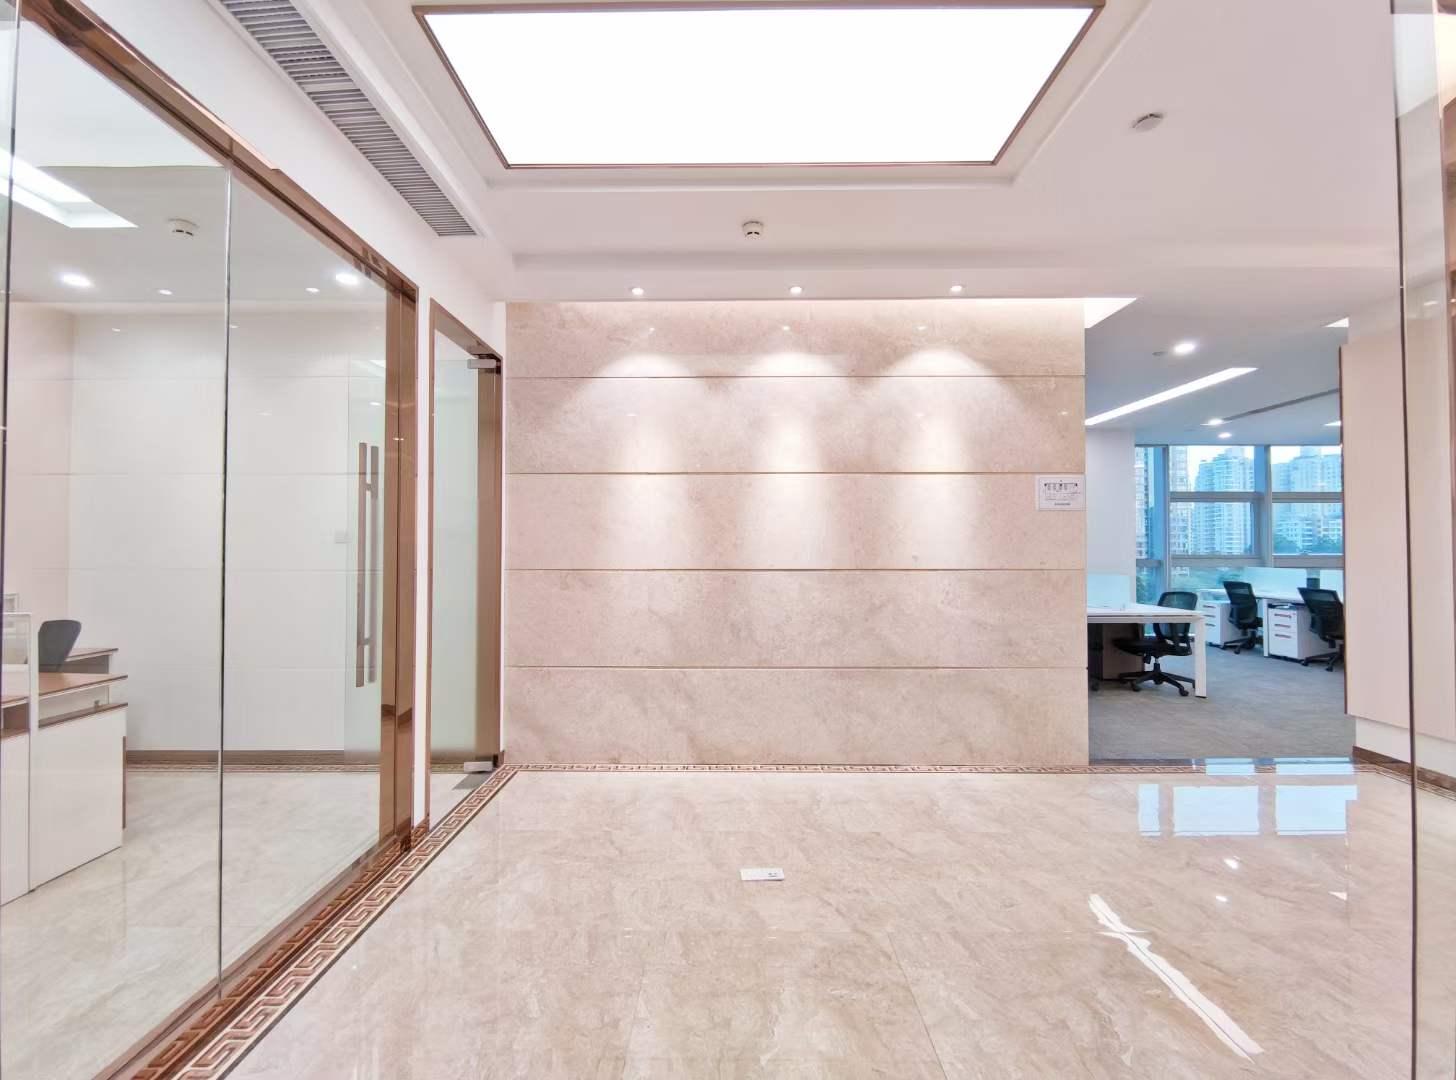 南山后海海王星辰总部大厦出租精装385平带家私公共配套完善电梯口